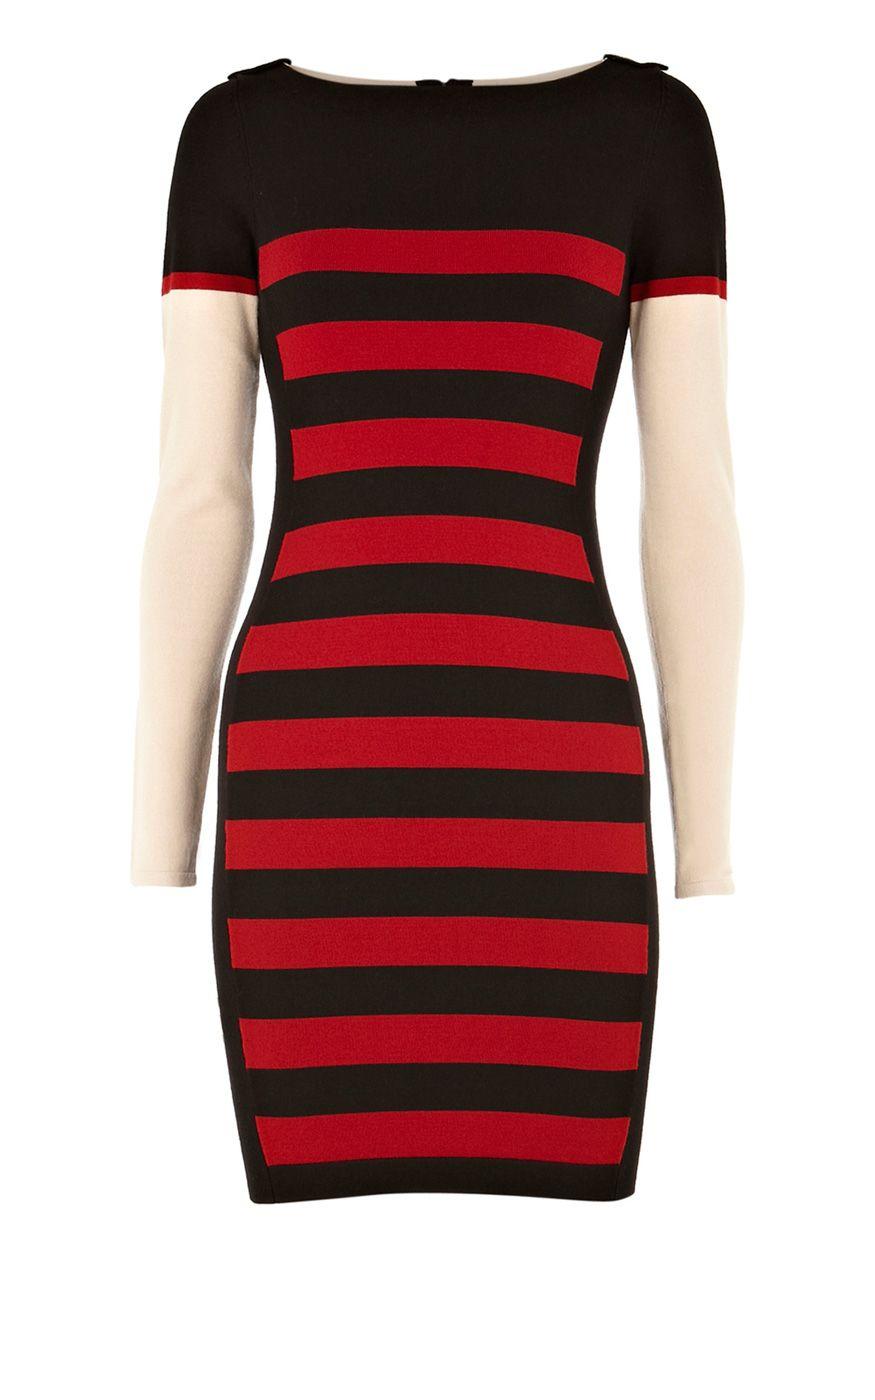 Karen Millen Block stripe Knit Dress Black and red ,fashion Karen Millen Multicolor Dresses outlet